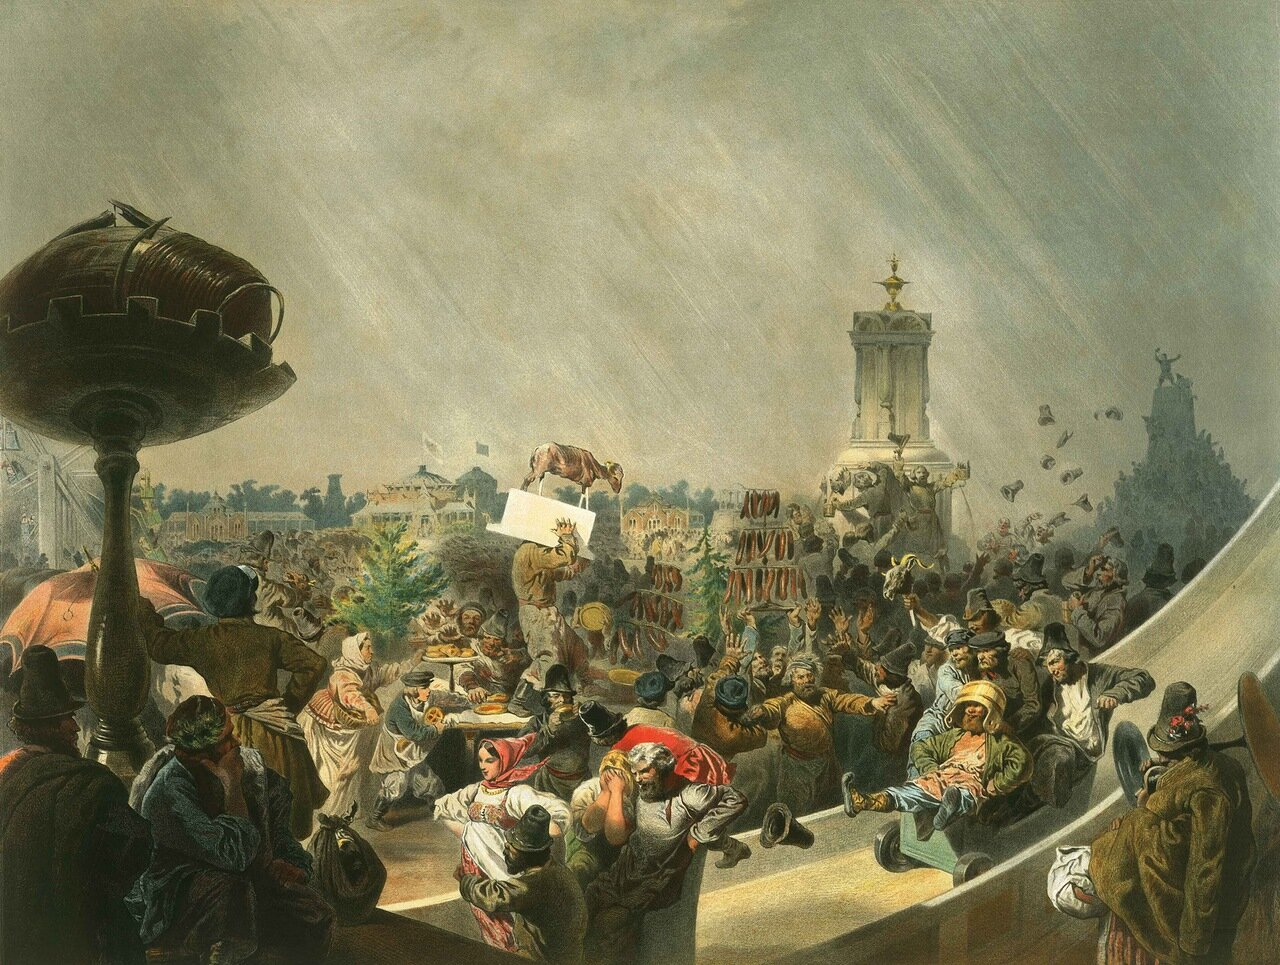 Народный праздник на Ходынском поле в Москве по случаю священного коронования императора Александра II 1856.